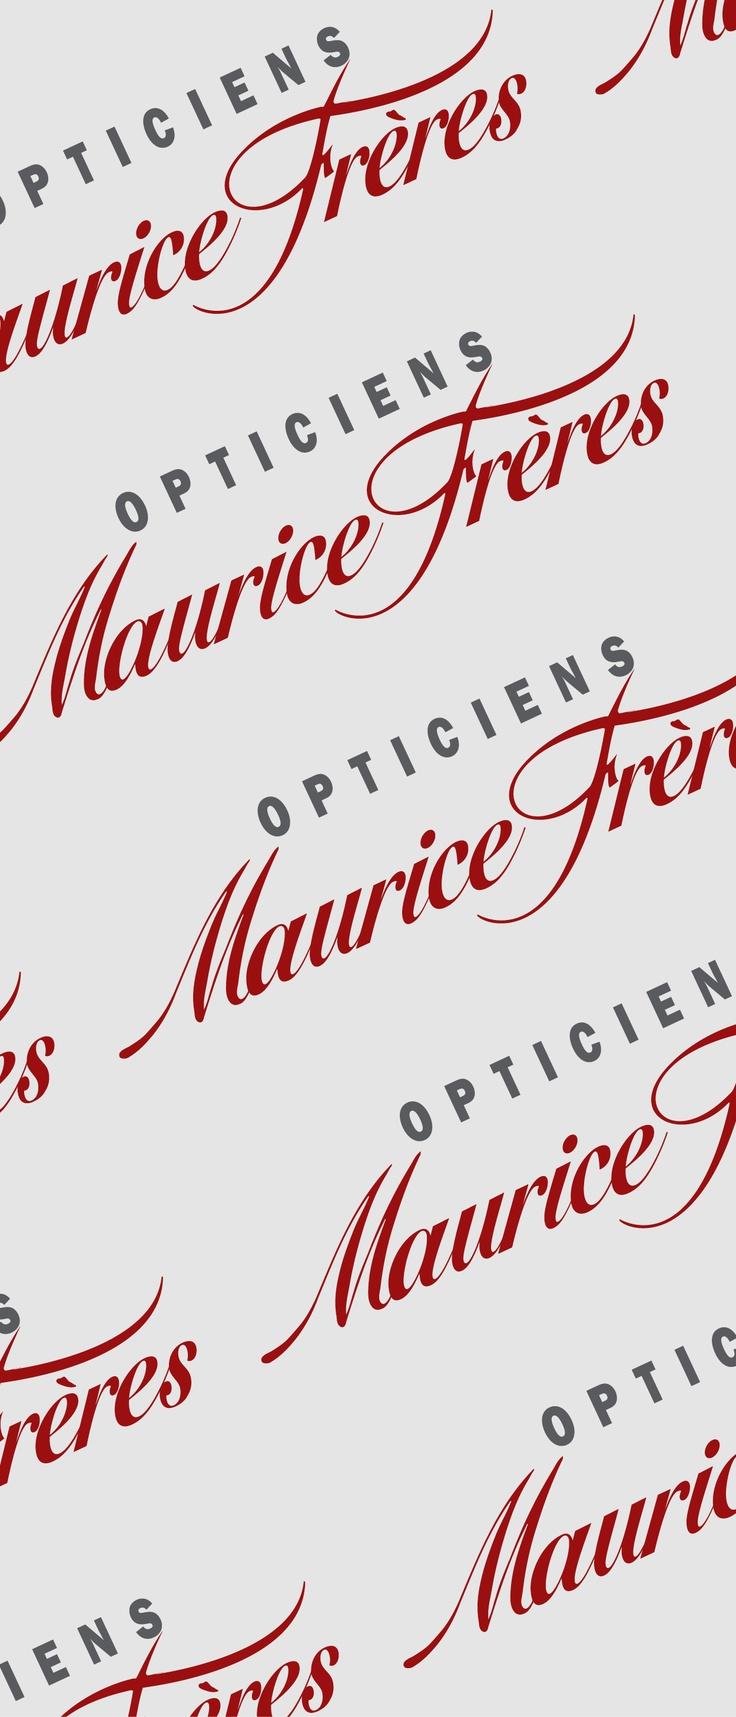 13 espaces Opticiens Maurice Frères dédiés à votre vue